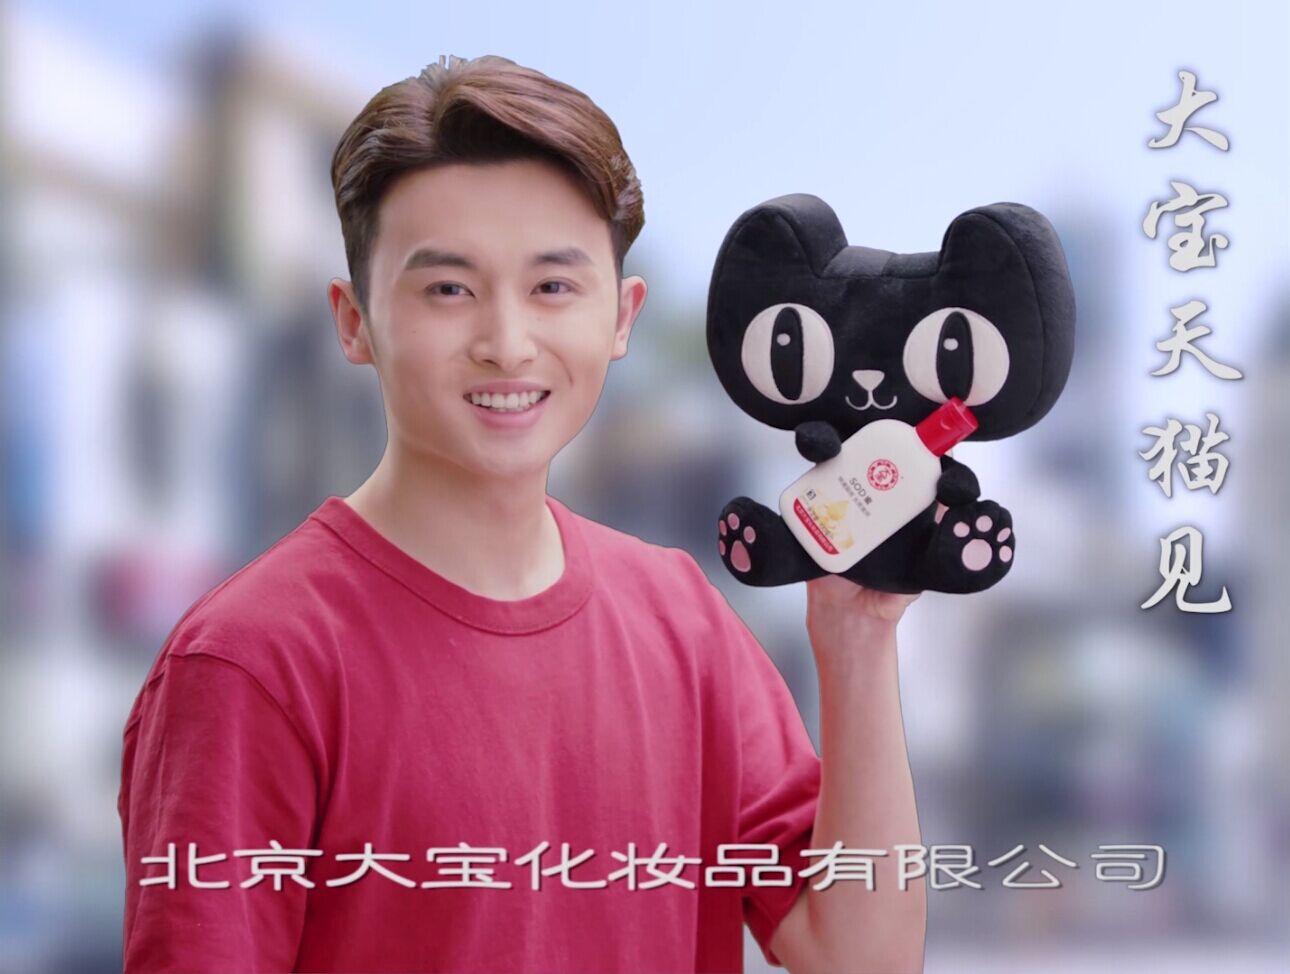 天猫推出新栏目《喵说新语》,老广告新拍为传统企业注入新鲜活力